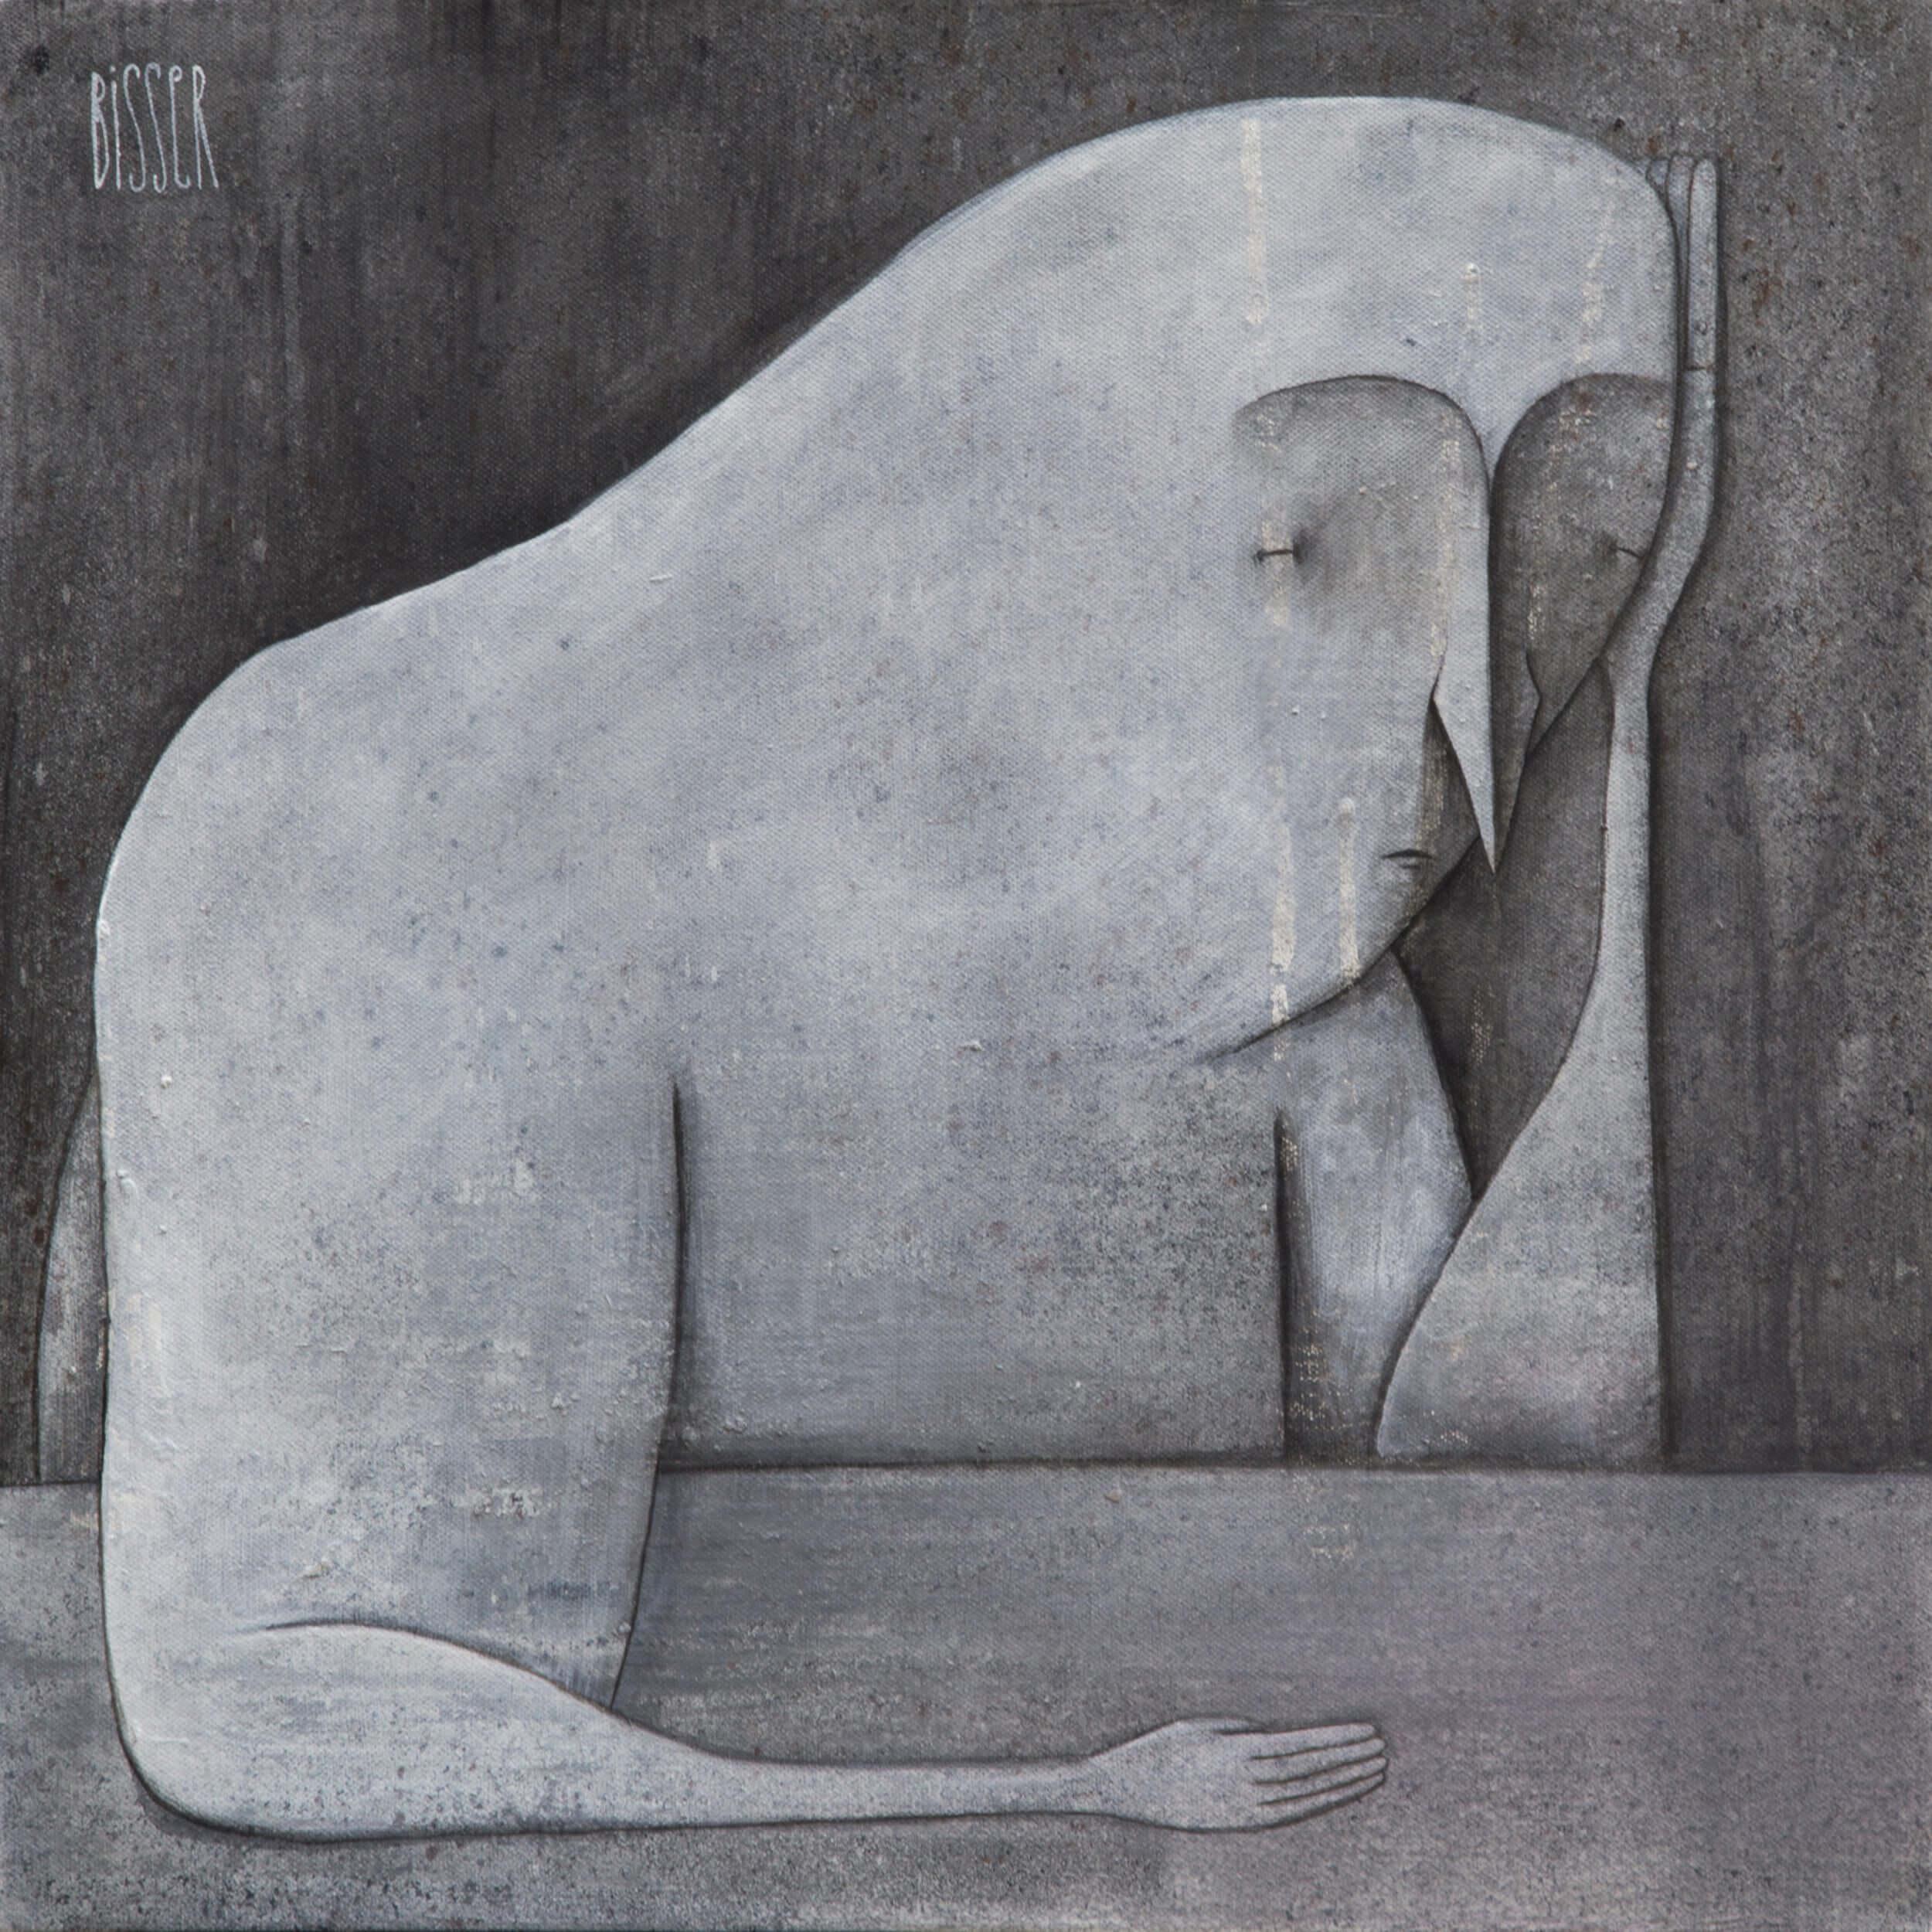 Bisser - Grey Thinking Canvas